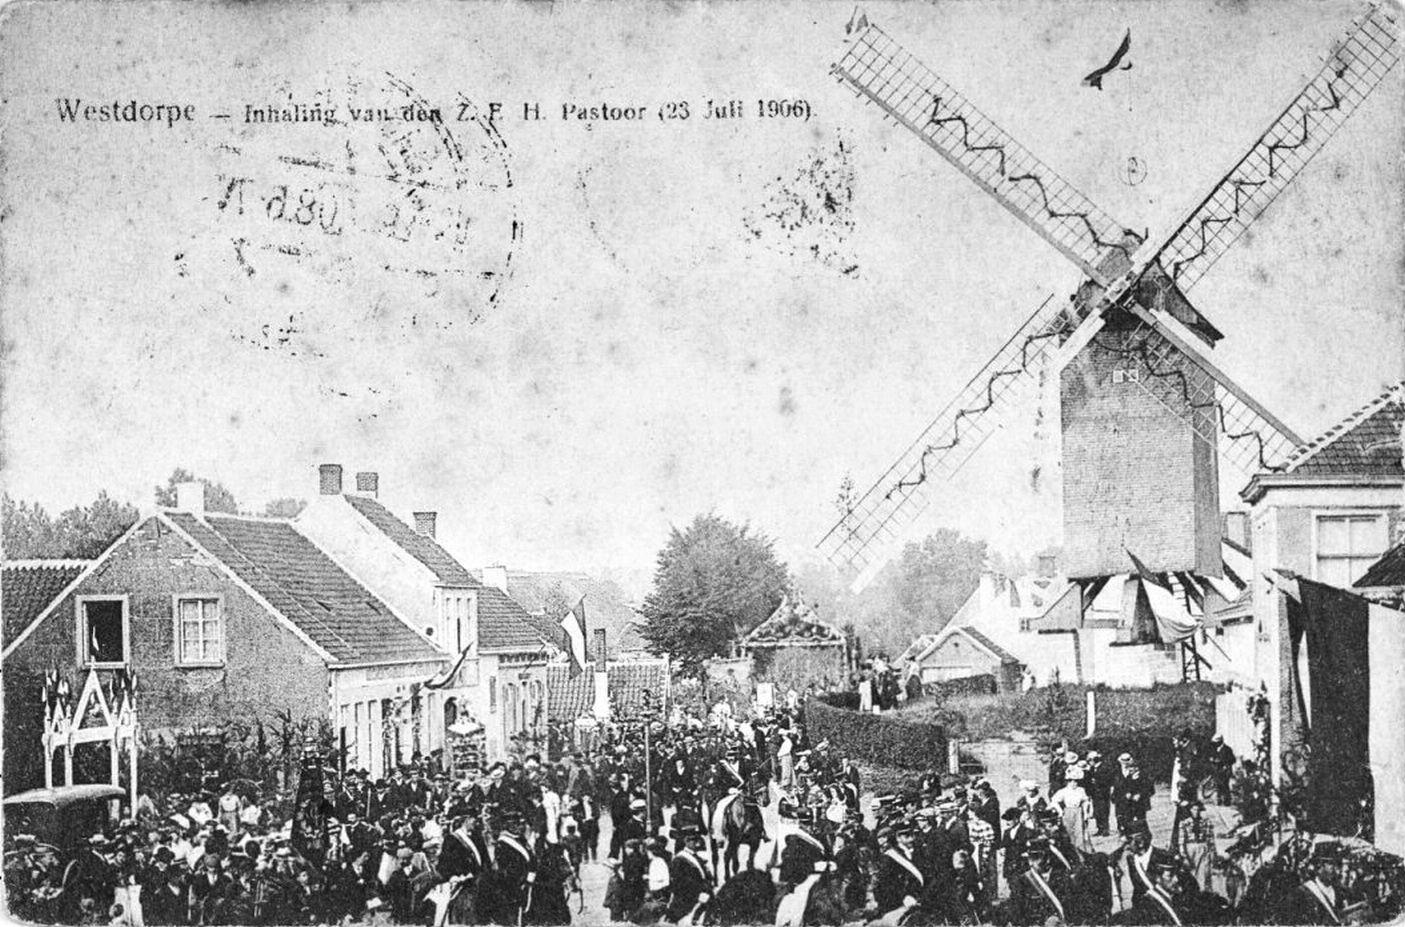 Westdorpe met voormalige korenmolen; fotokaart uit 1906. Ook in dit dorp gingen verhalen over de hellewagen rond.